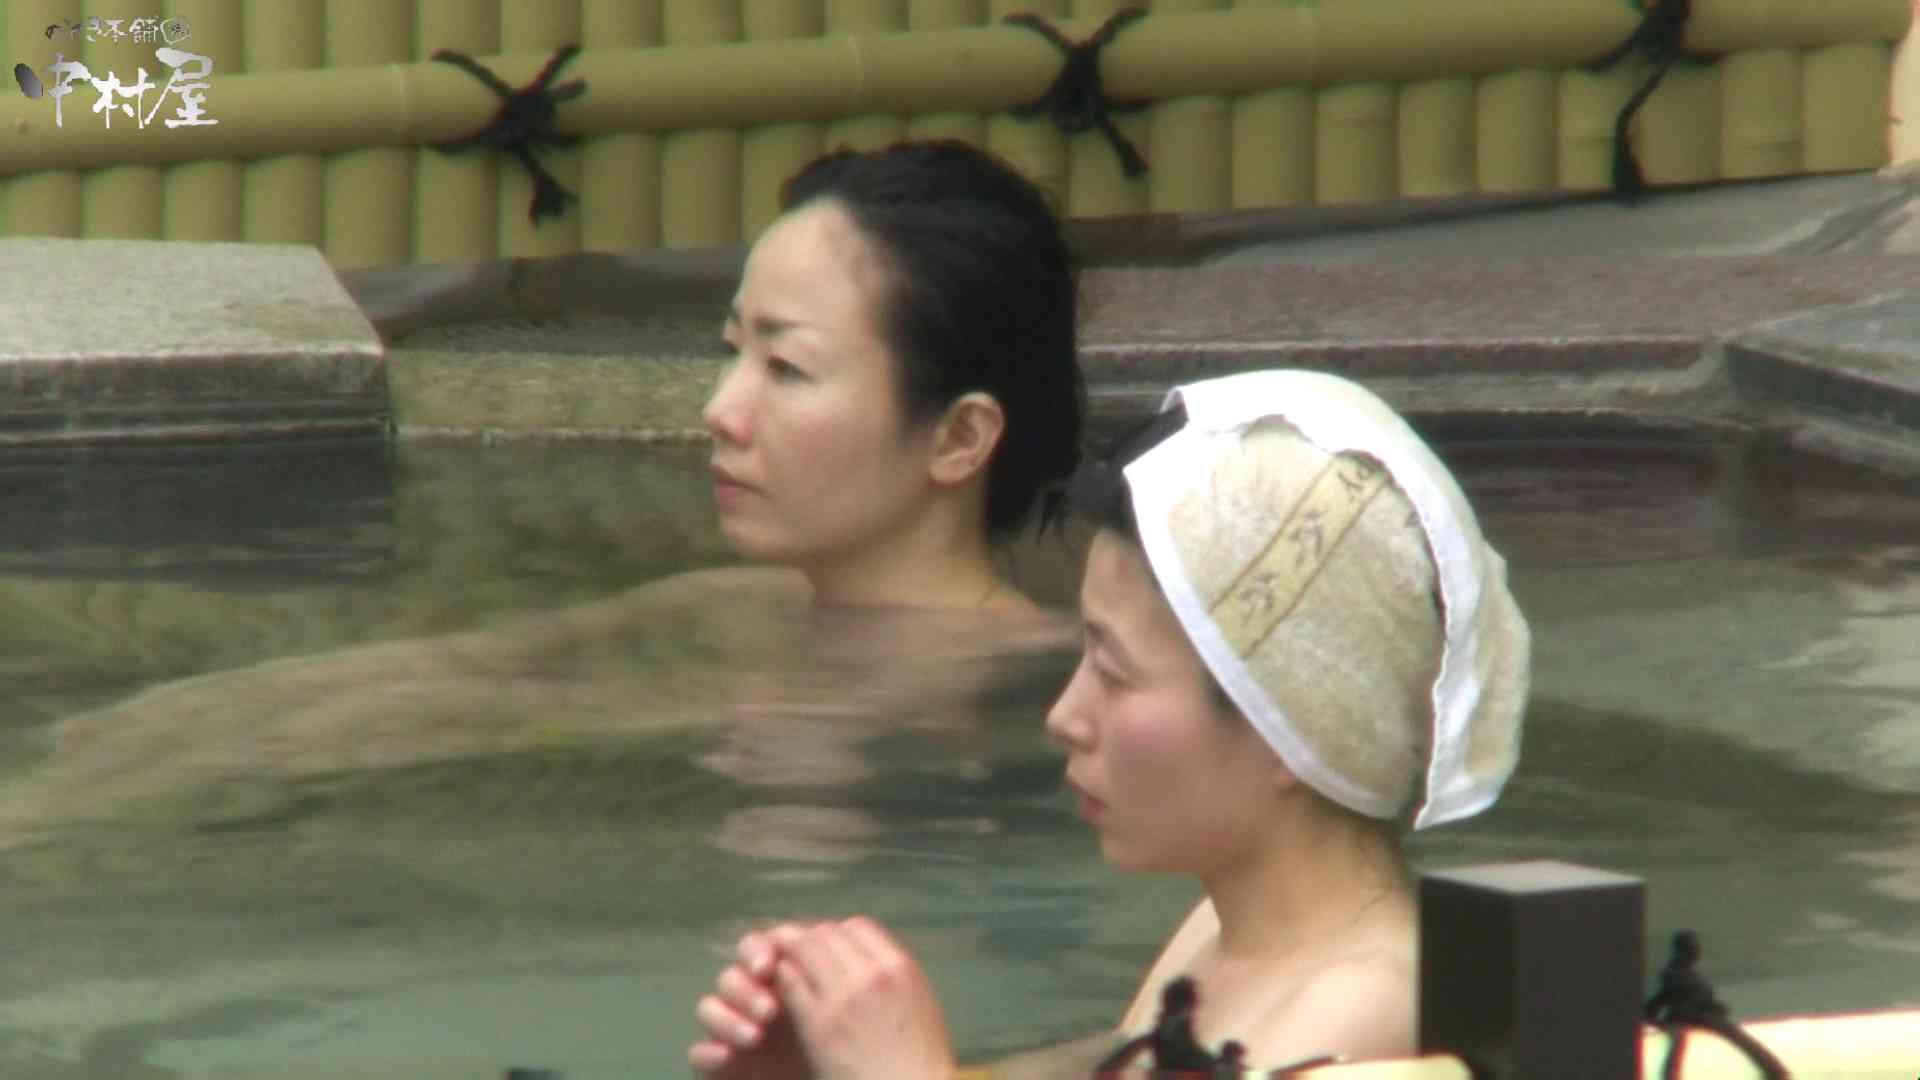 Aquaな露天風呂Vol.950 OLのエロ生活 覗きおまんこ画像 107連発 53